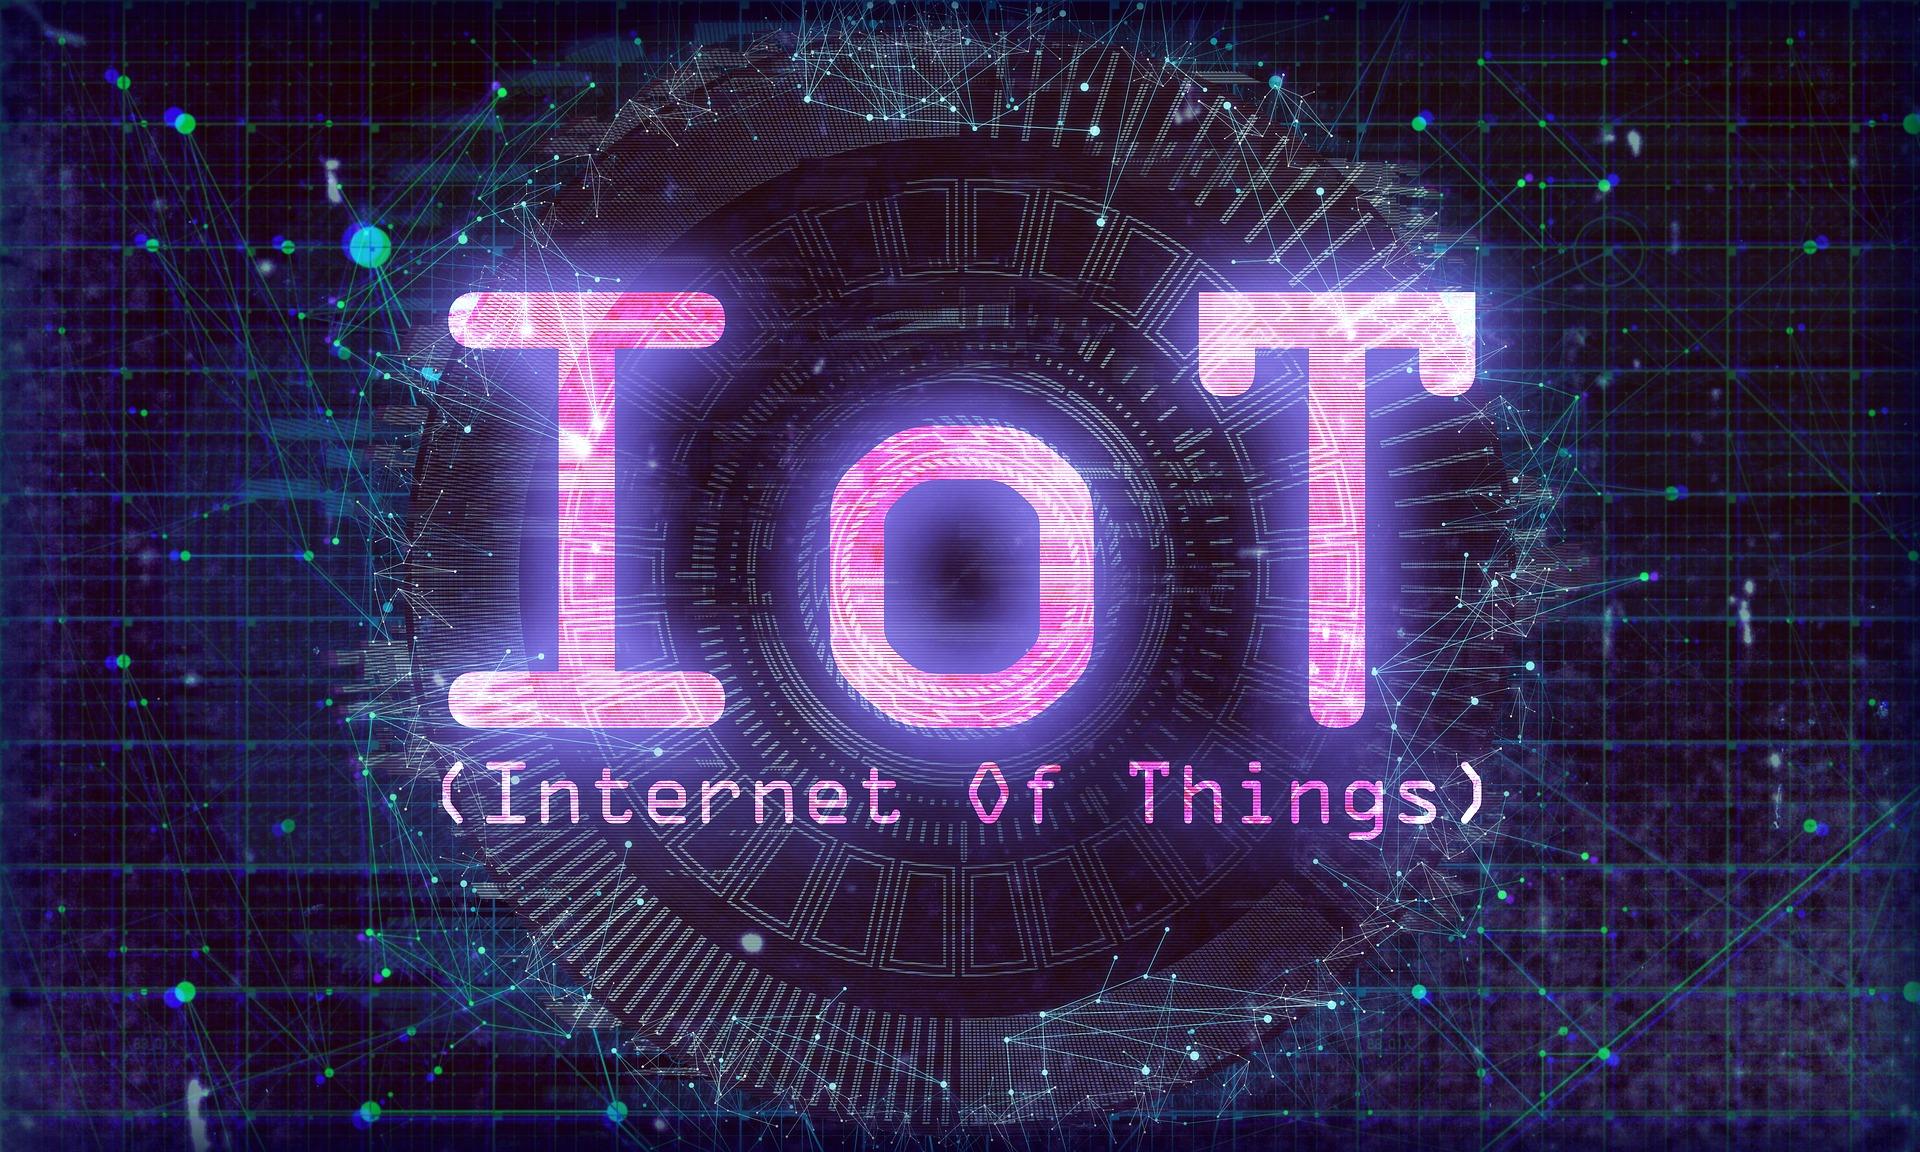 [Из песочницы] Что такое Интернет вещей и как он поможет предприятиям зарабатывать больше?